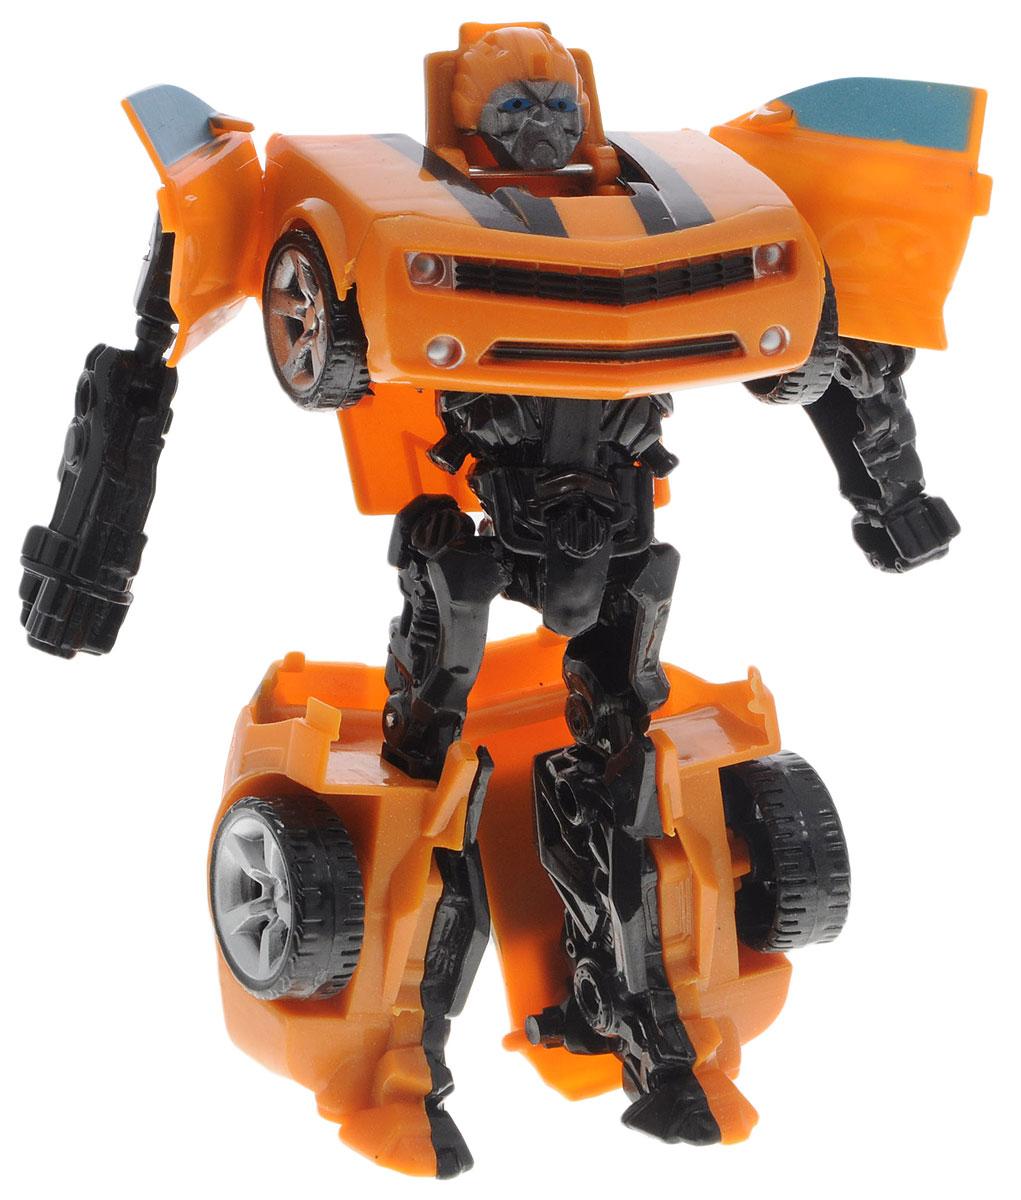 Тилибом Робот-трансформер цвет оранжевый черныйТ80485_оранжевый, черныйОригинальный робот-трансформер Тилибом из серии Стражи галактики порадует вашего ребенка и надолго займет его внимание. Он выполнен из прочного пластика оранжевого и черного цветов. Конструкция робота имеет подвижные соединения, благодаря чему, ему можно придавать различные позы. Трансформер имеет две вариации: первая - робот с грозным оружием, вторая - мощная машина. Порадуйте ребенка таким замечательным подарком!